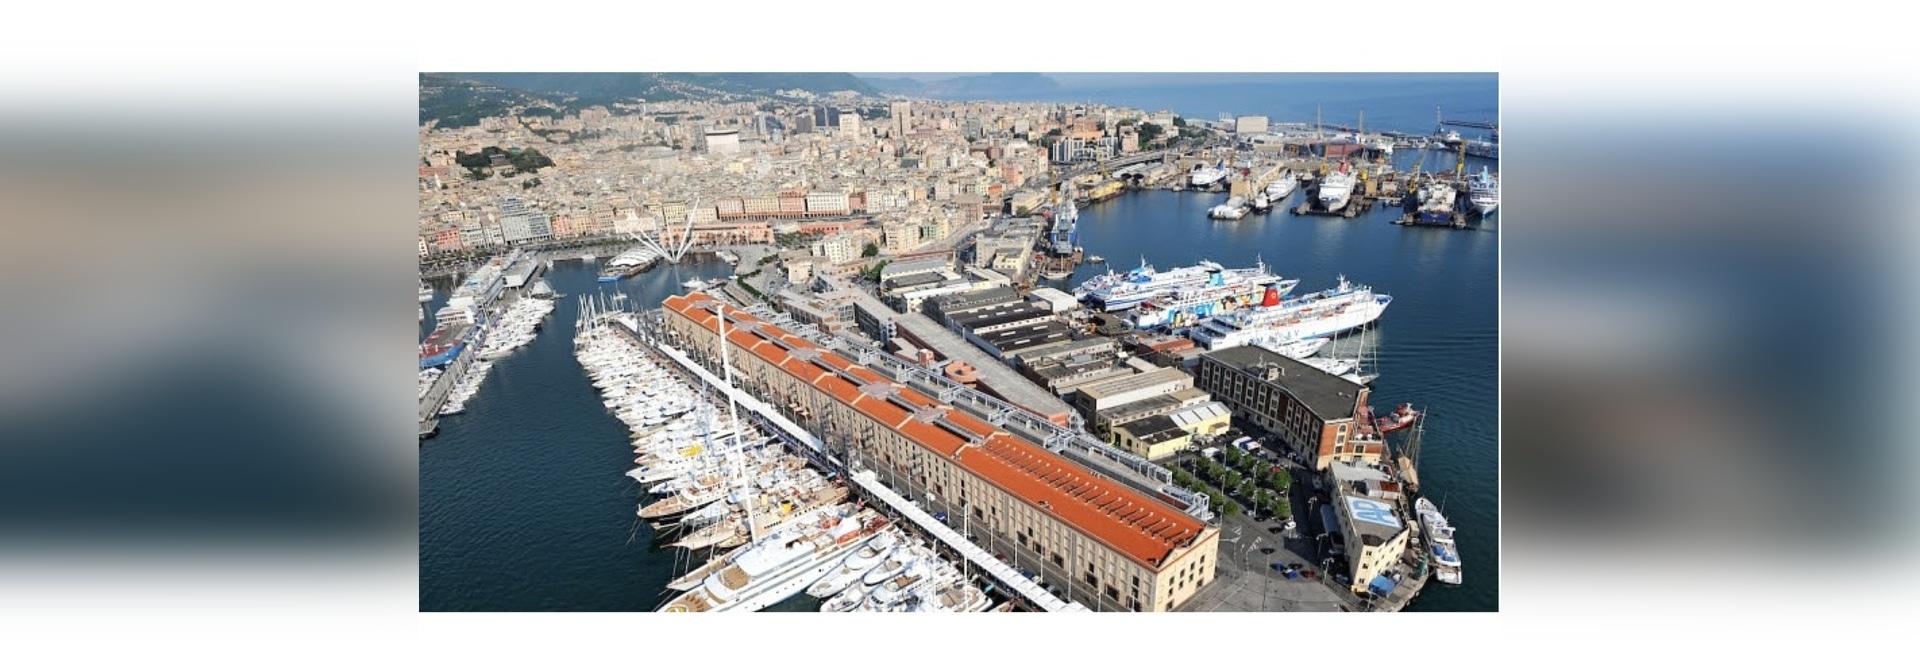 Referenten und Agenda für den Ocean Race Summit #1 in Genua, Italien, angekündigt